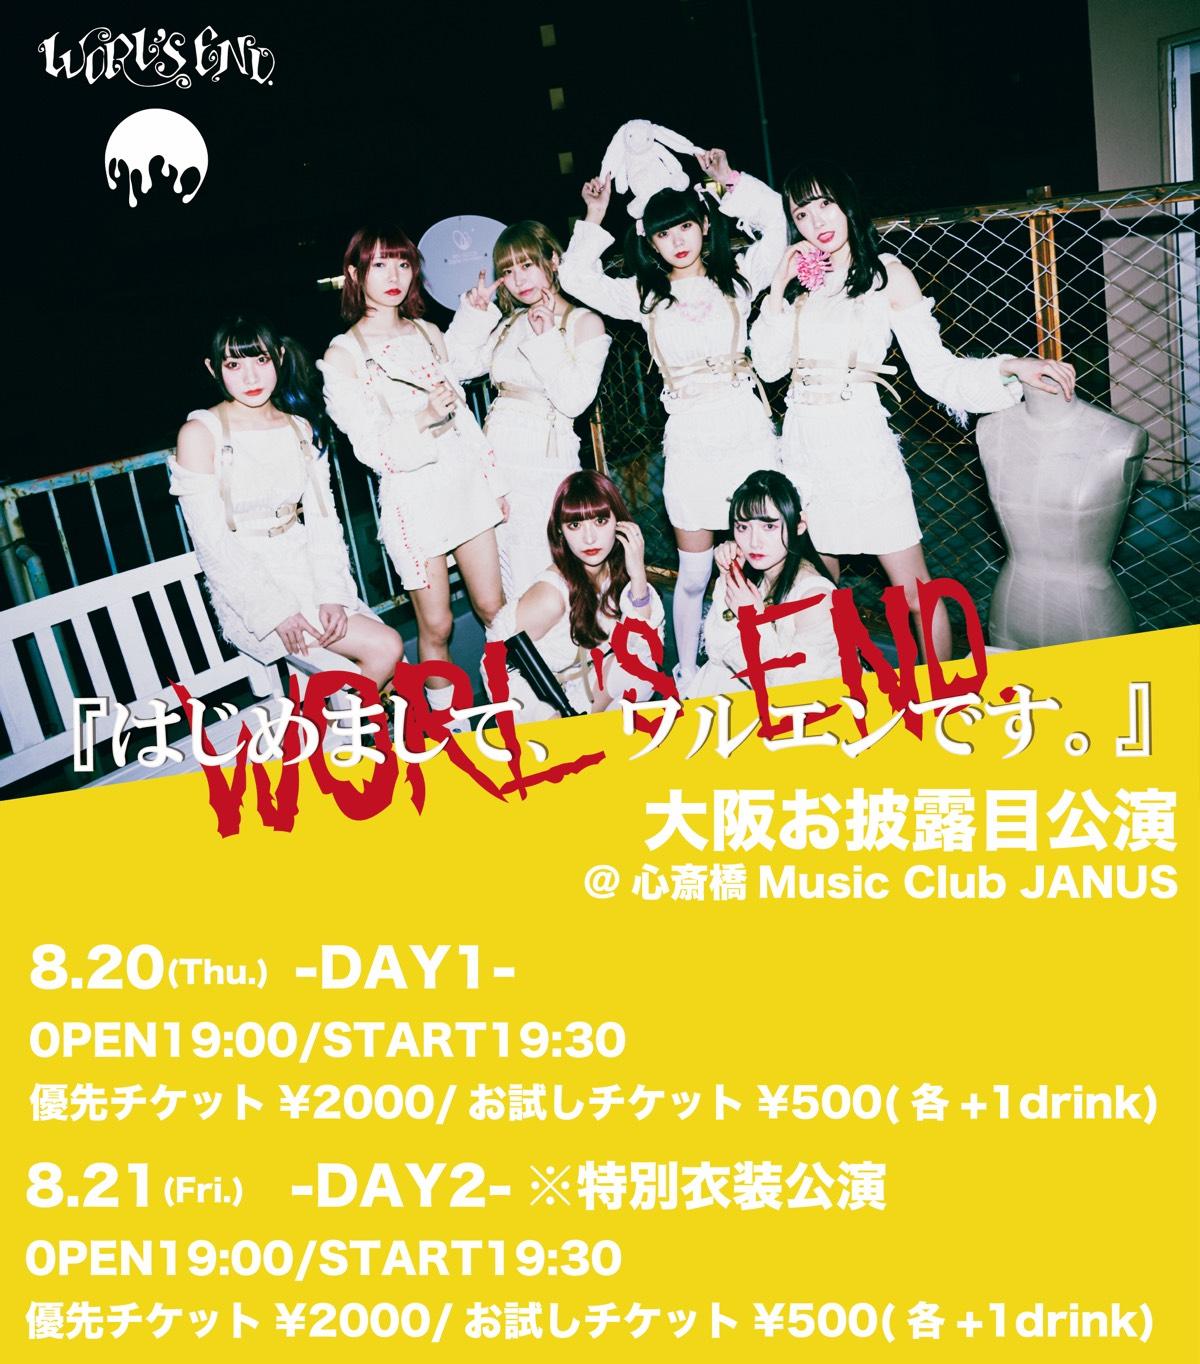 『はじめまして、ワルエンです。』大阪お披露目公演